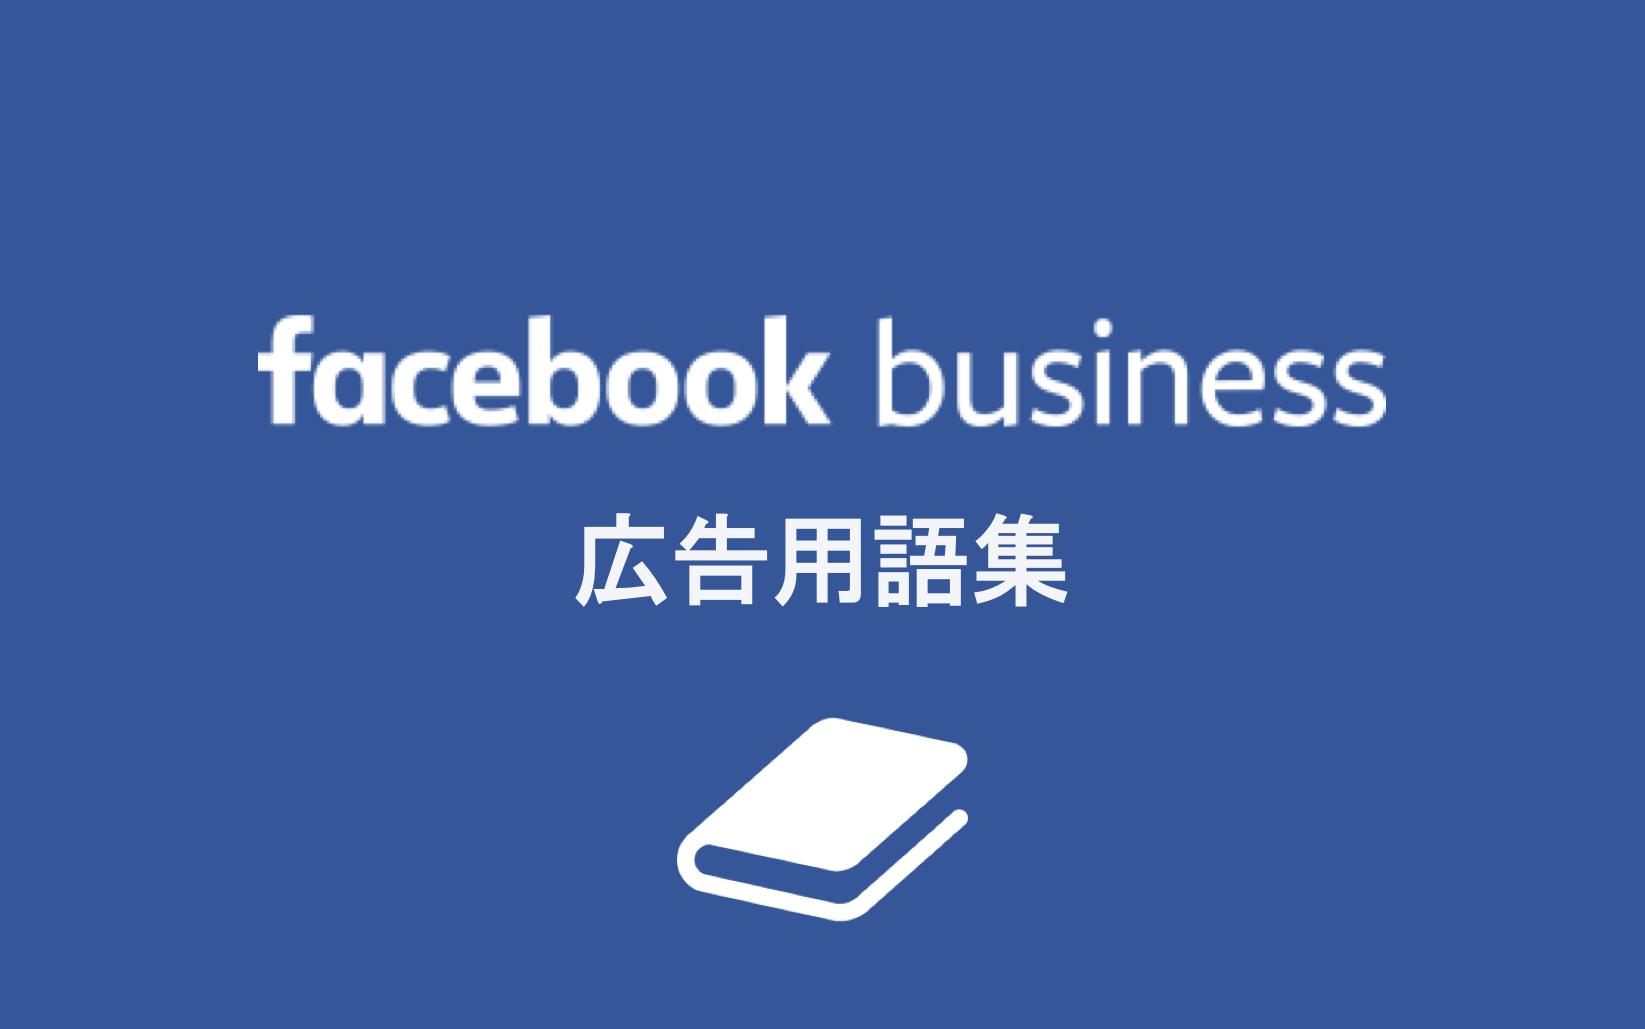 Facebookの広告運用をはじめる初心者のためのマストな用語23選